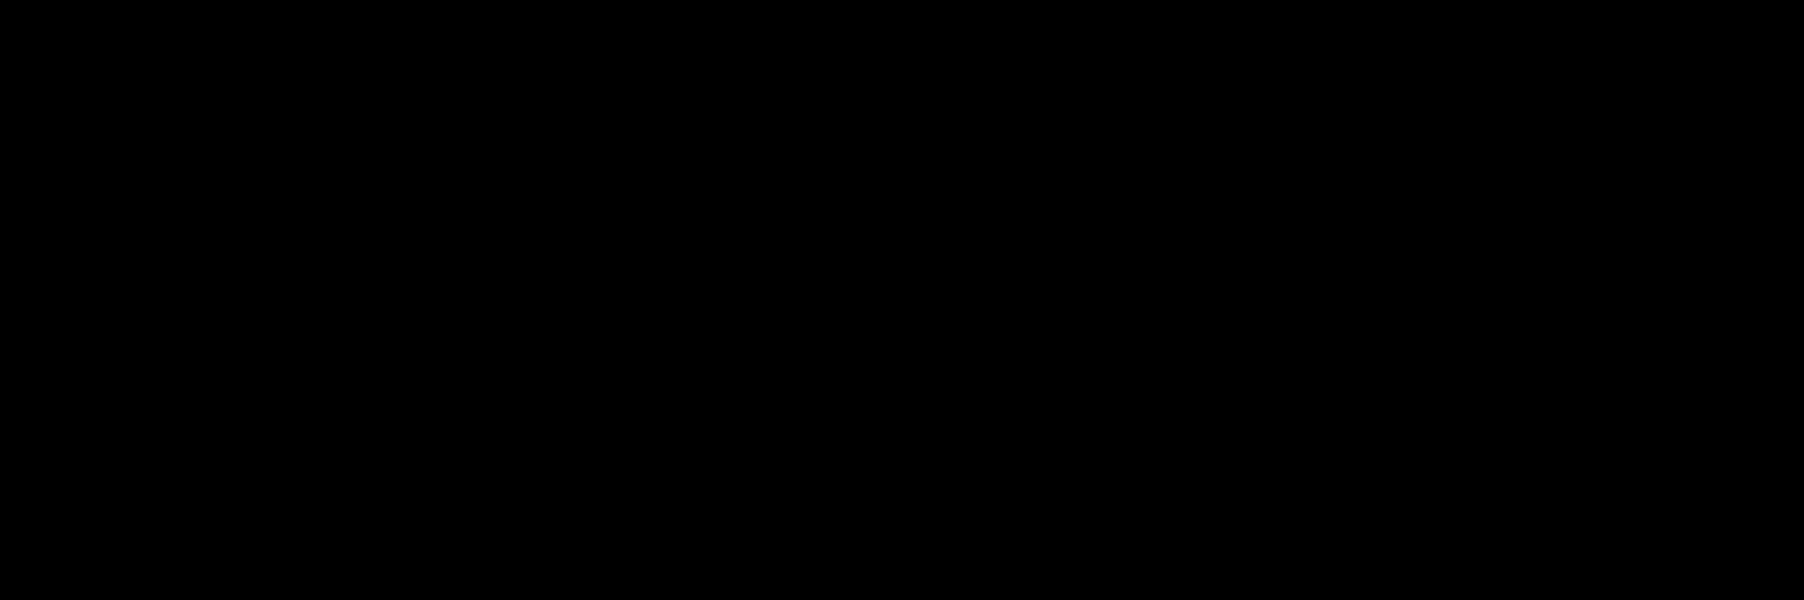 Symbole 40 Grad Schonwaschen, kein Trockner, warm bügeln